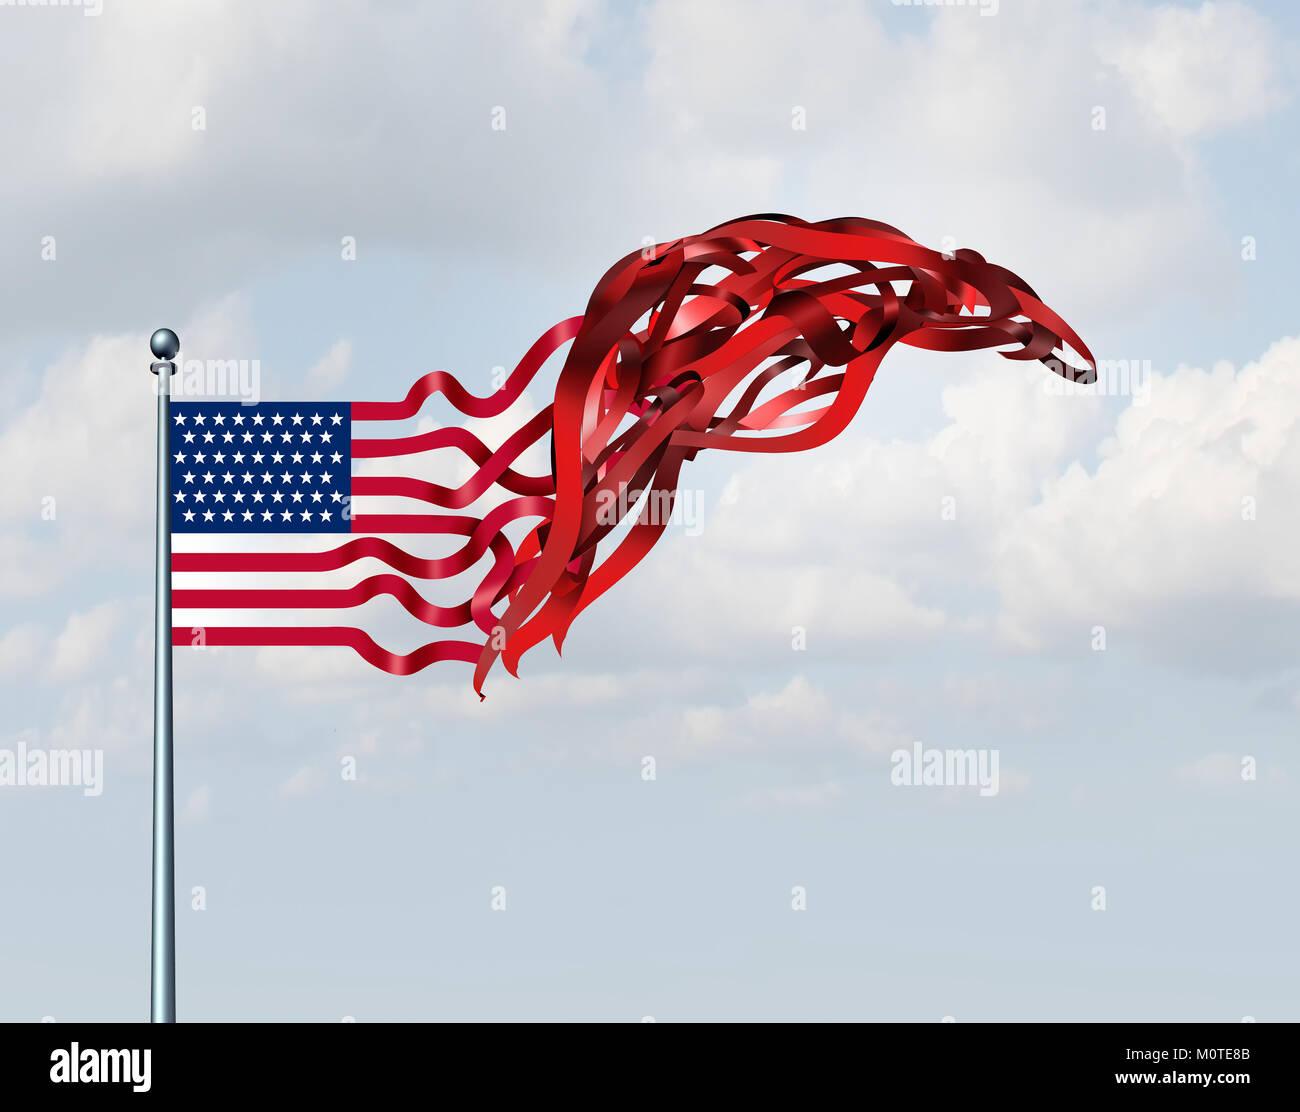 Concepto de gobierno de los Estados Unidos como una bandera americana como una sátira política con elementos Imagen De Stock